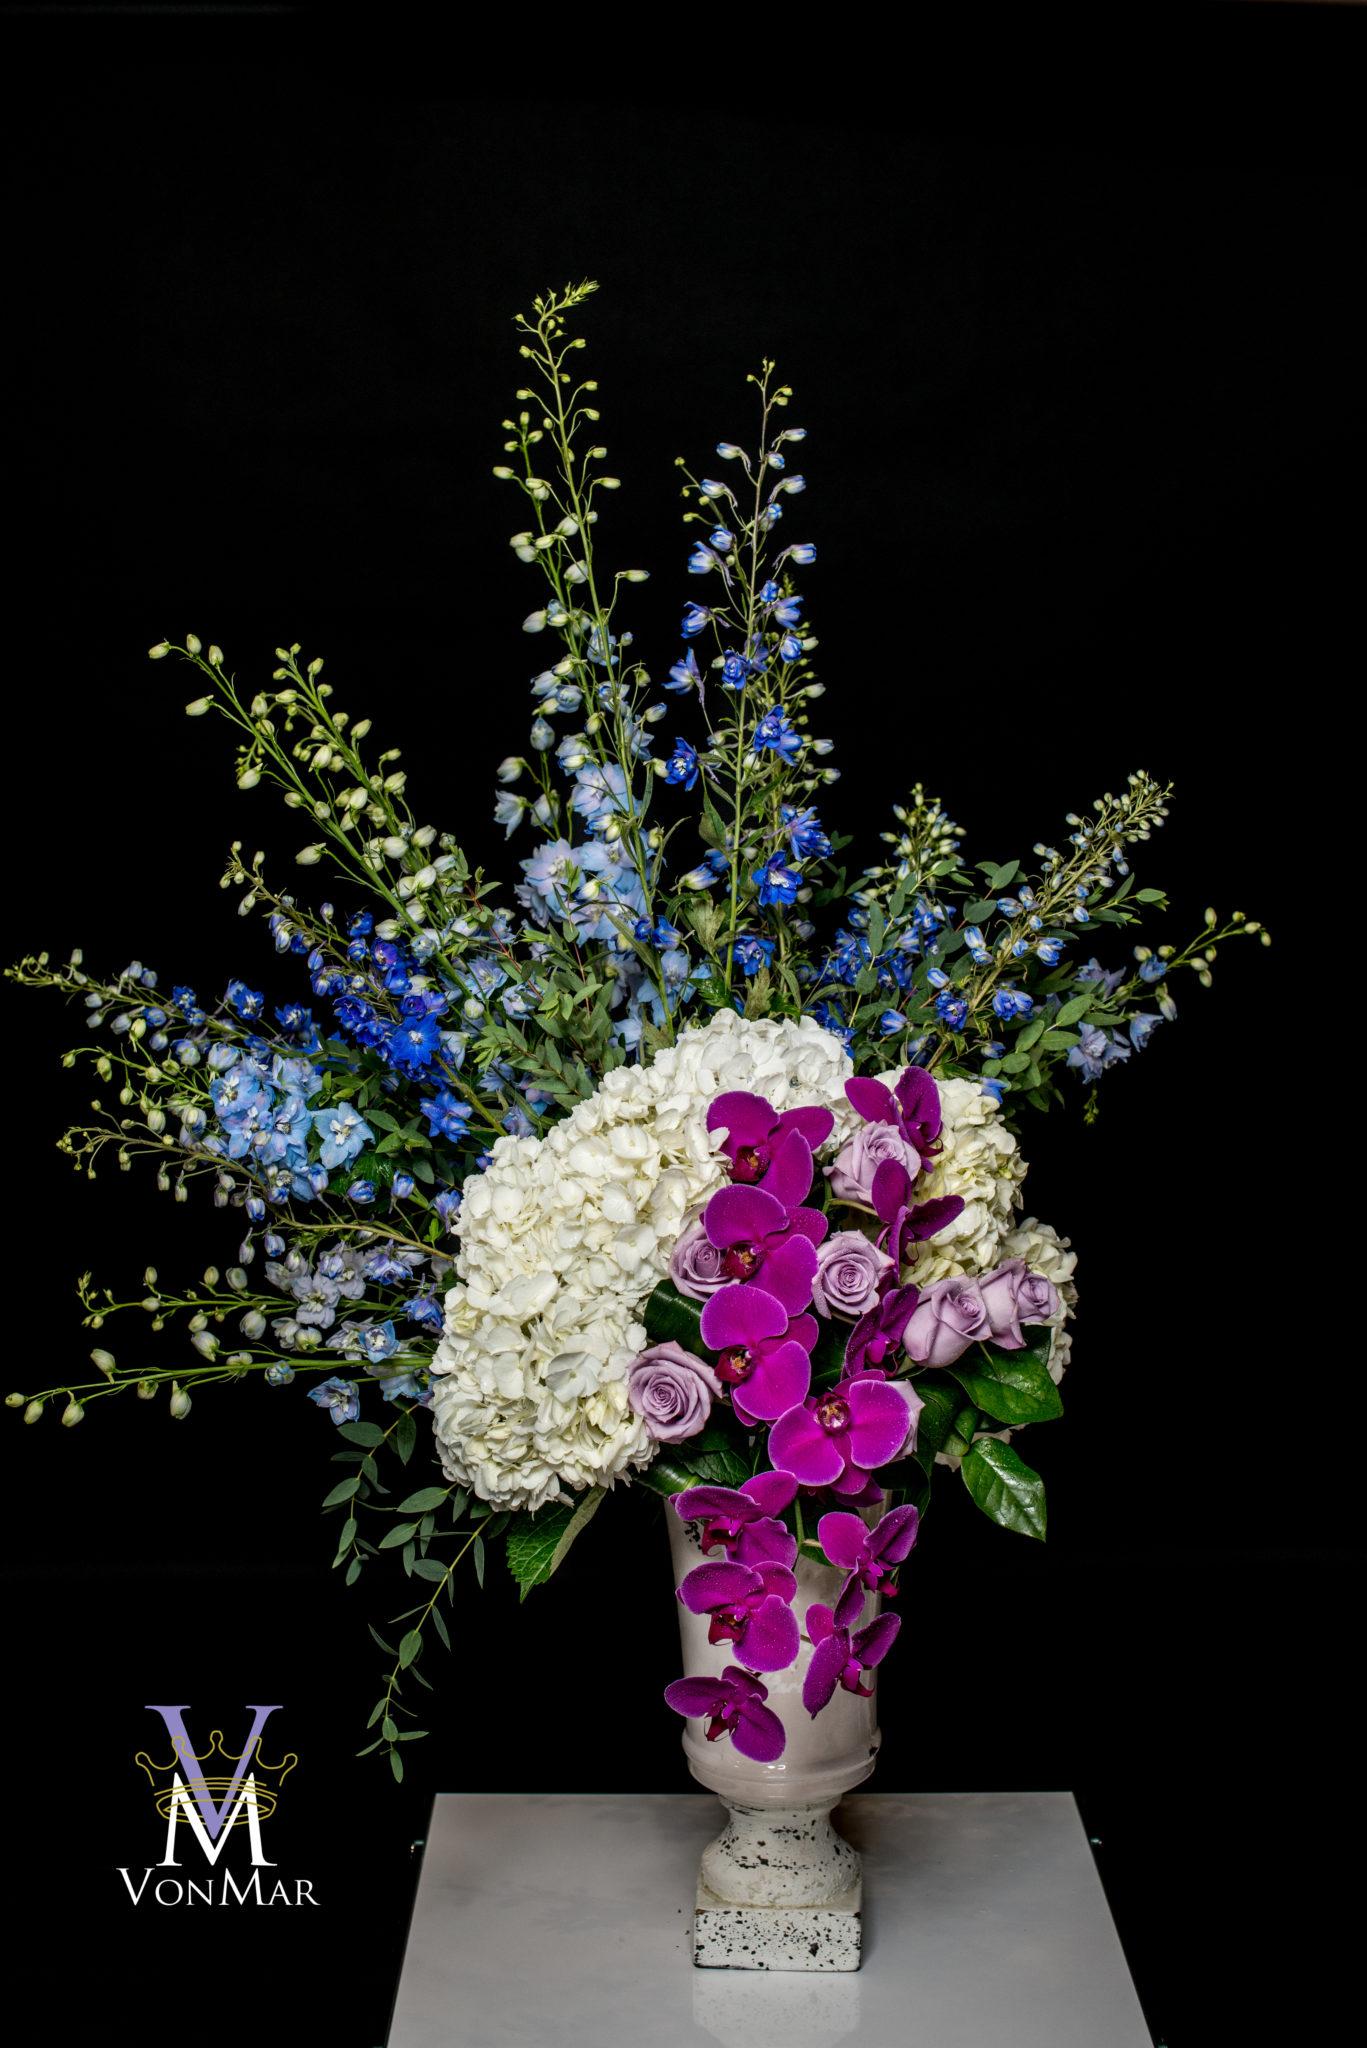 Delphinium, Hydrangea and purple roses